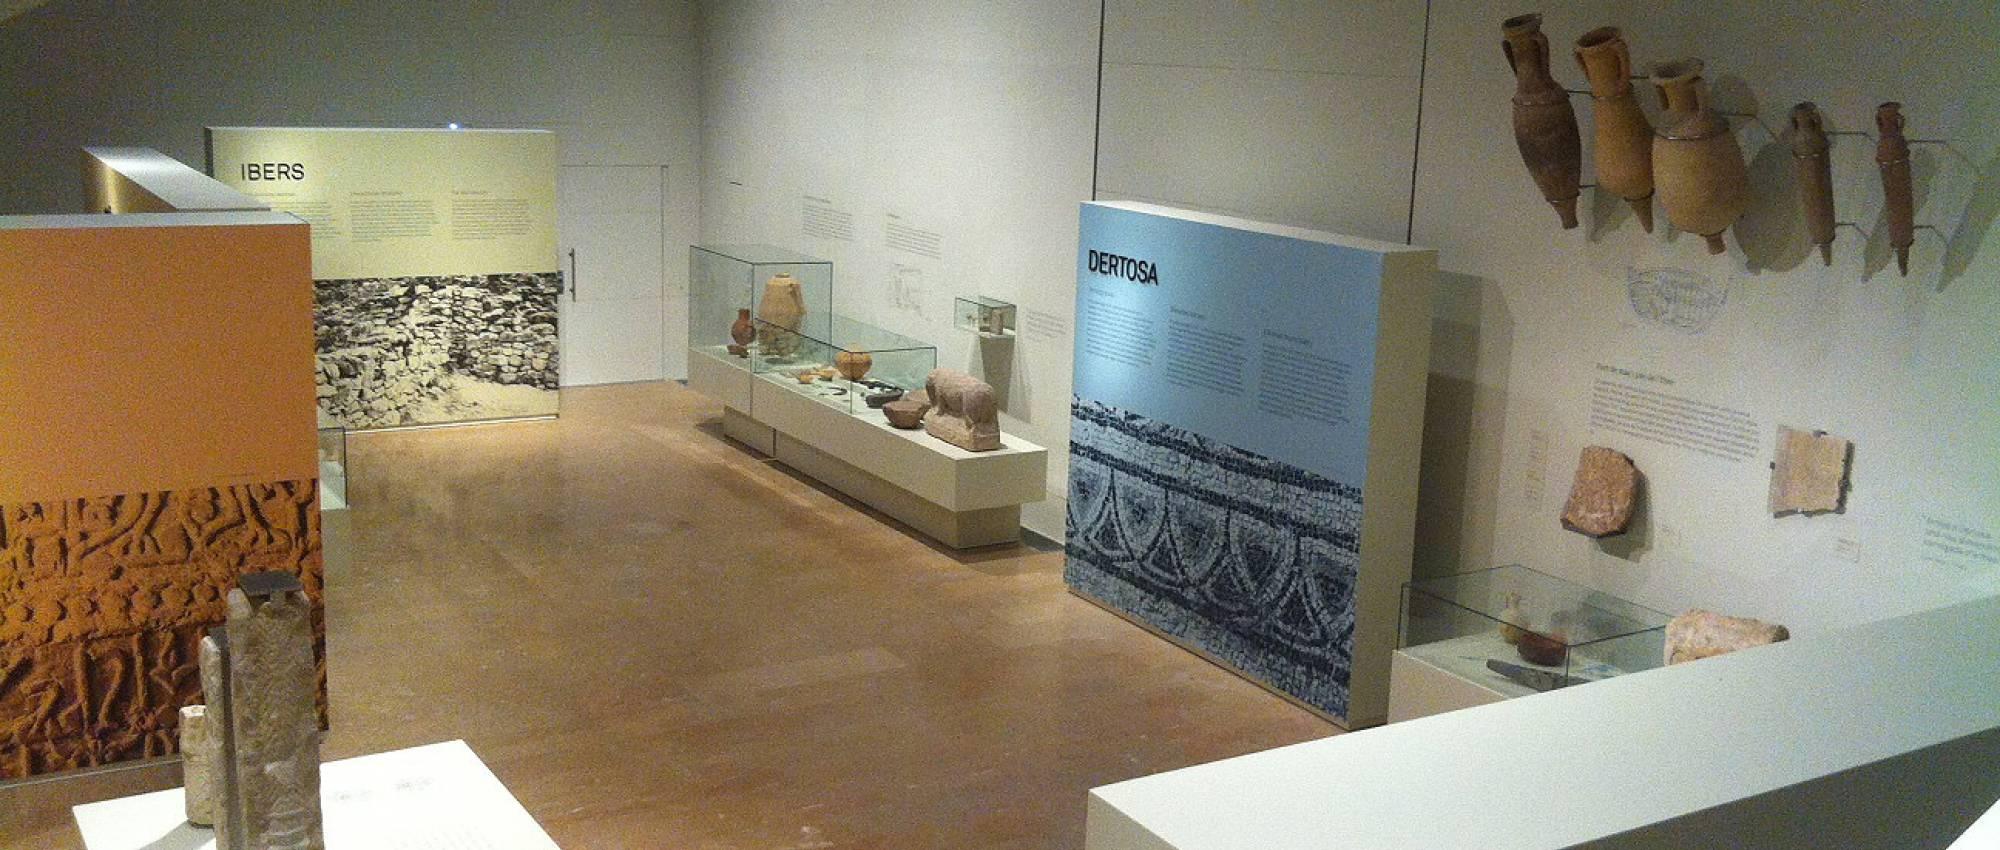 Detall de l'exposició del Museu de Tortorsa. CC BY-SA 4.0 - Kippelboy / Wikimedia Commons